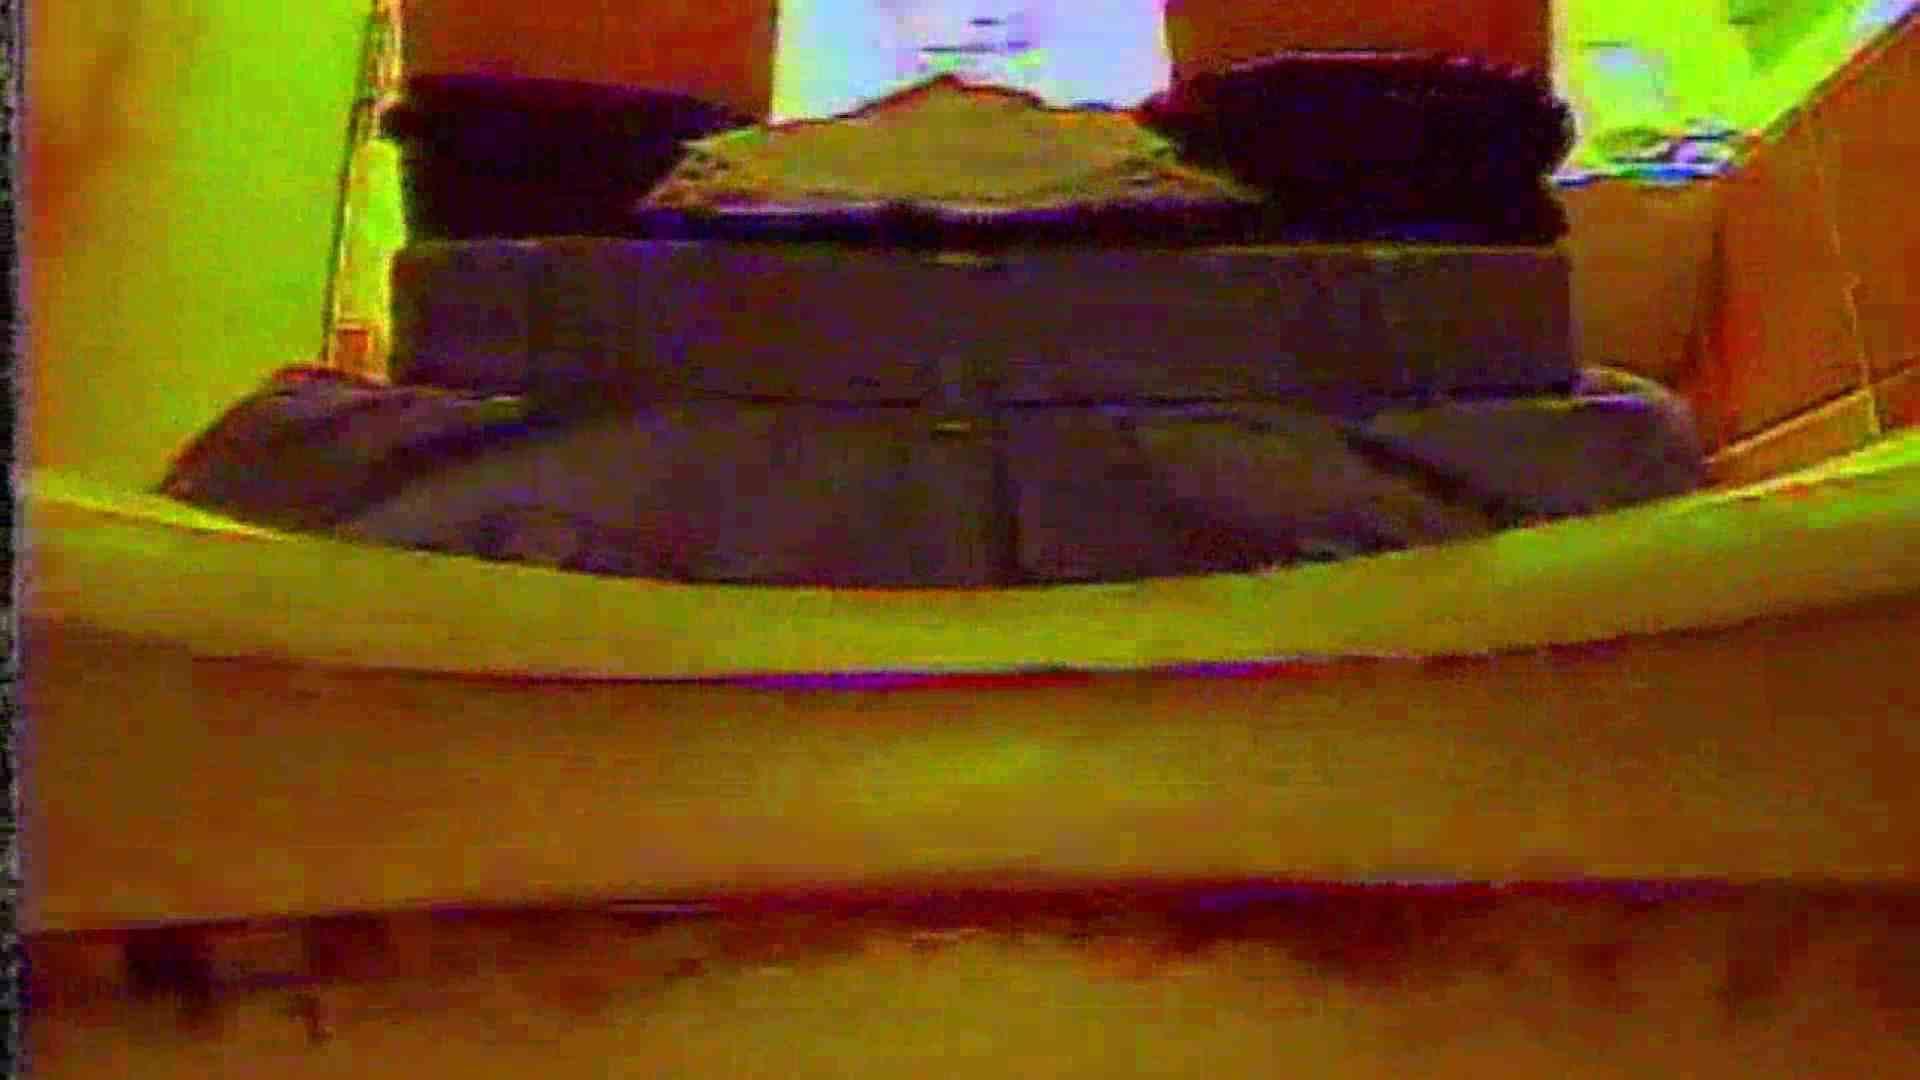 キレカワ女子大生の秘密の洗面所!Vol.048 学校 おまんこ無修正動画無料 79PIX 70